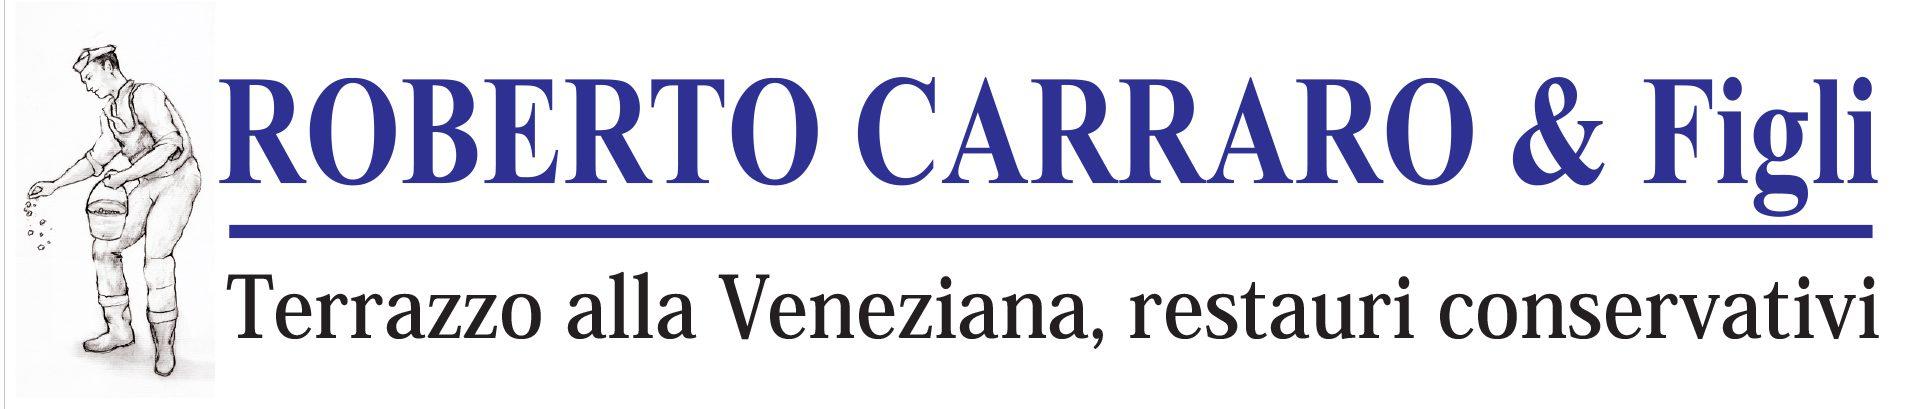 Roberto Carraro & Figli